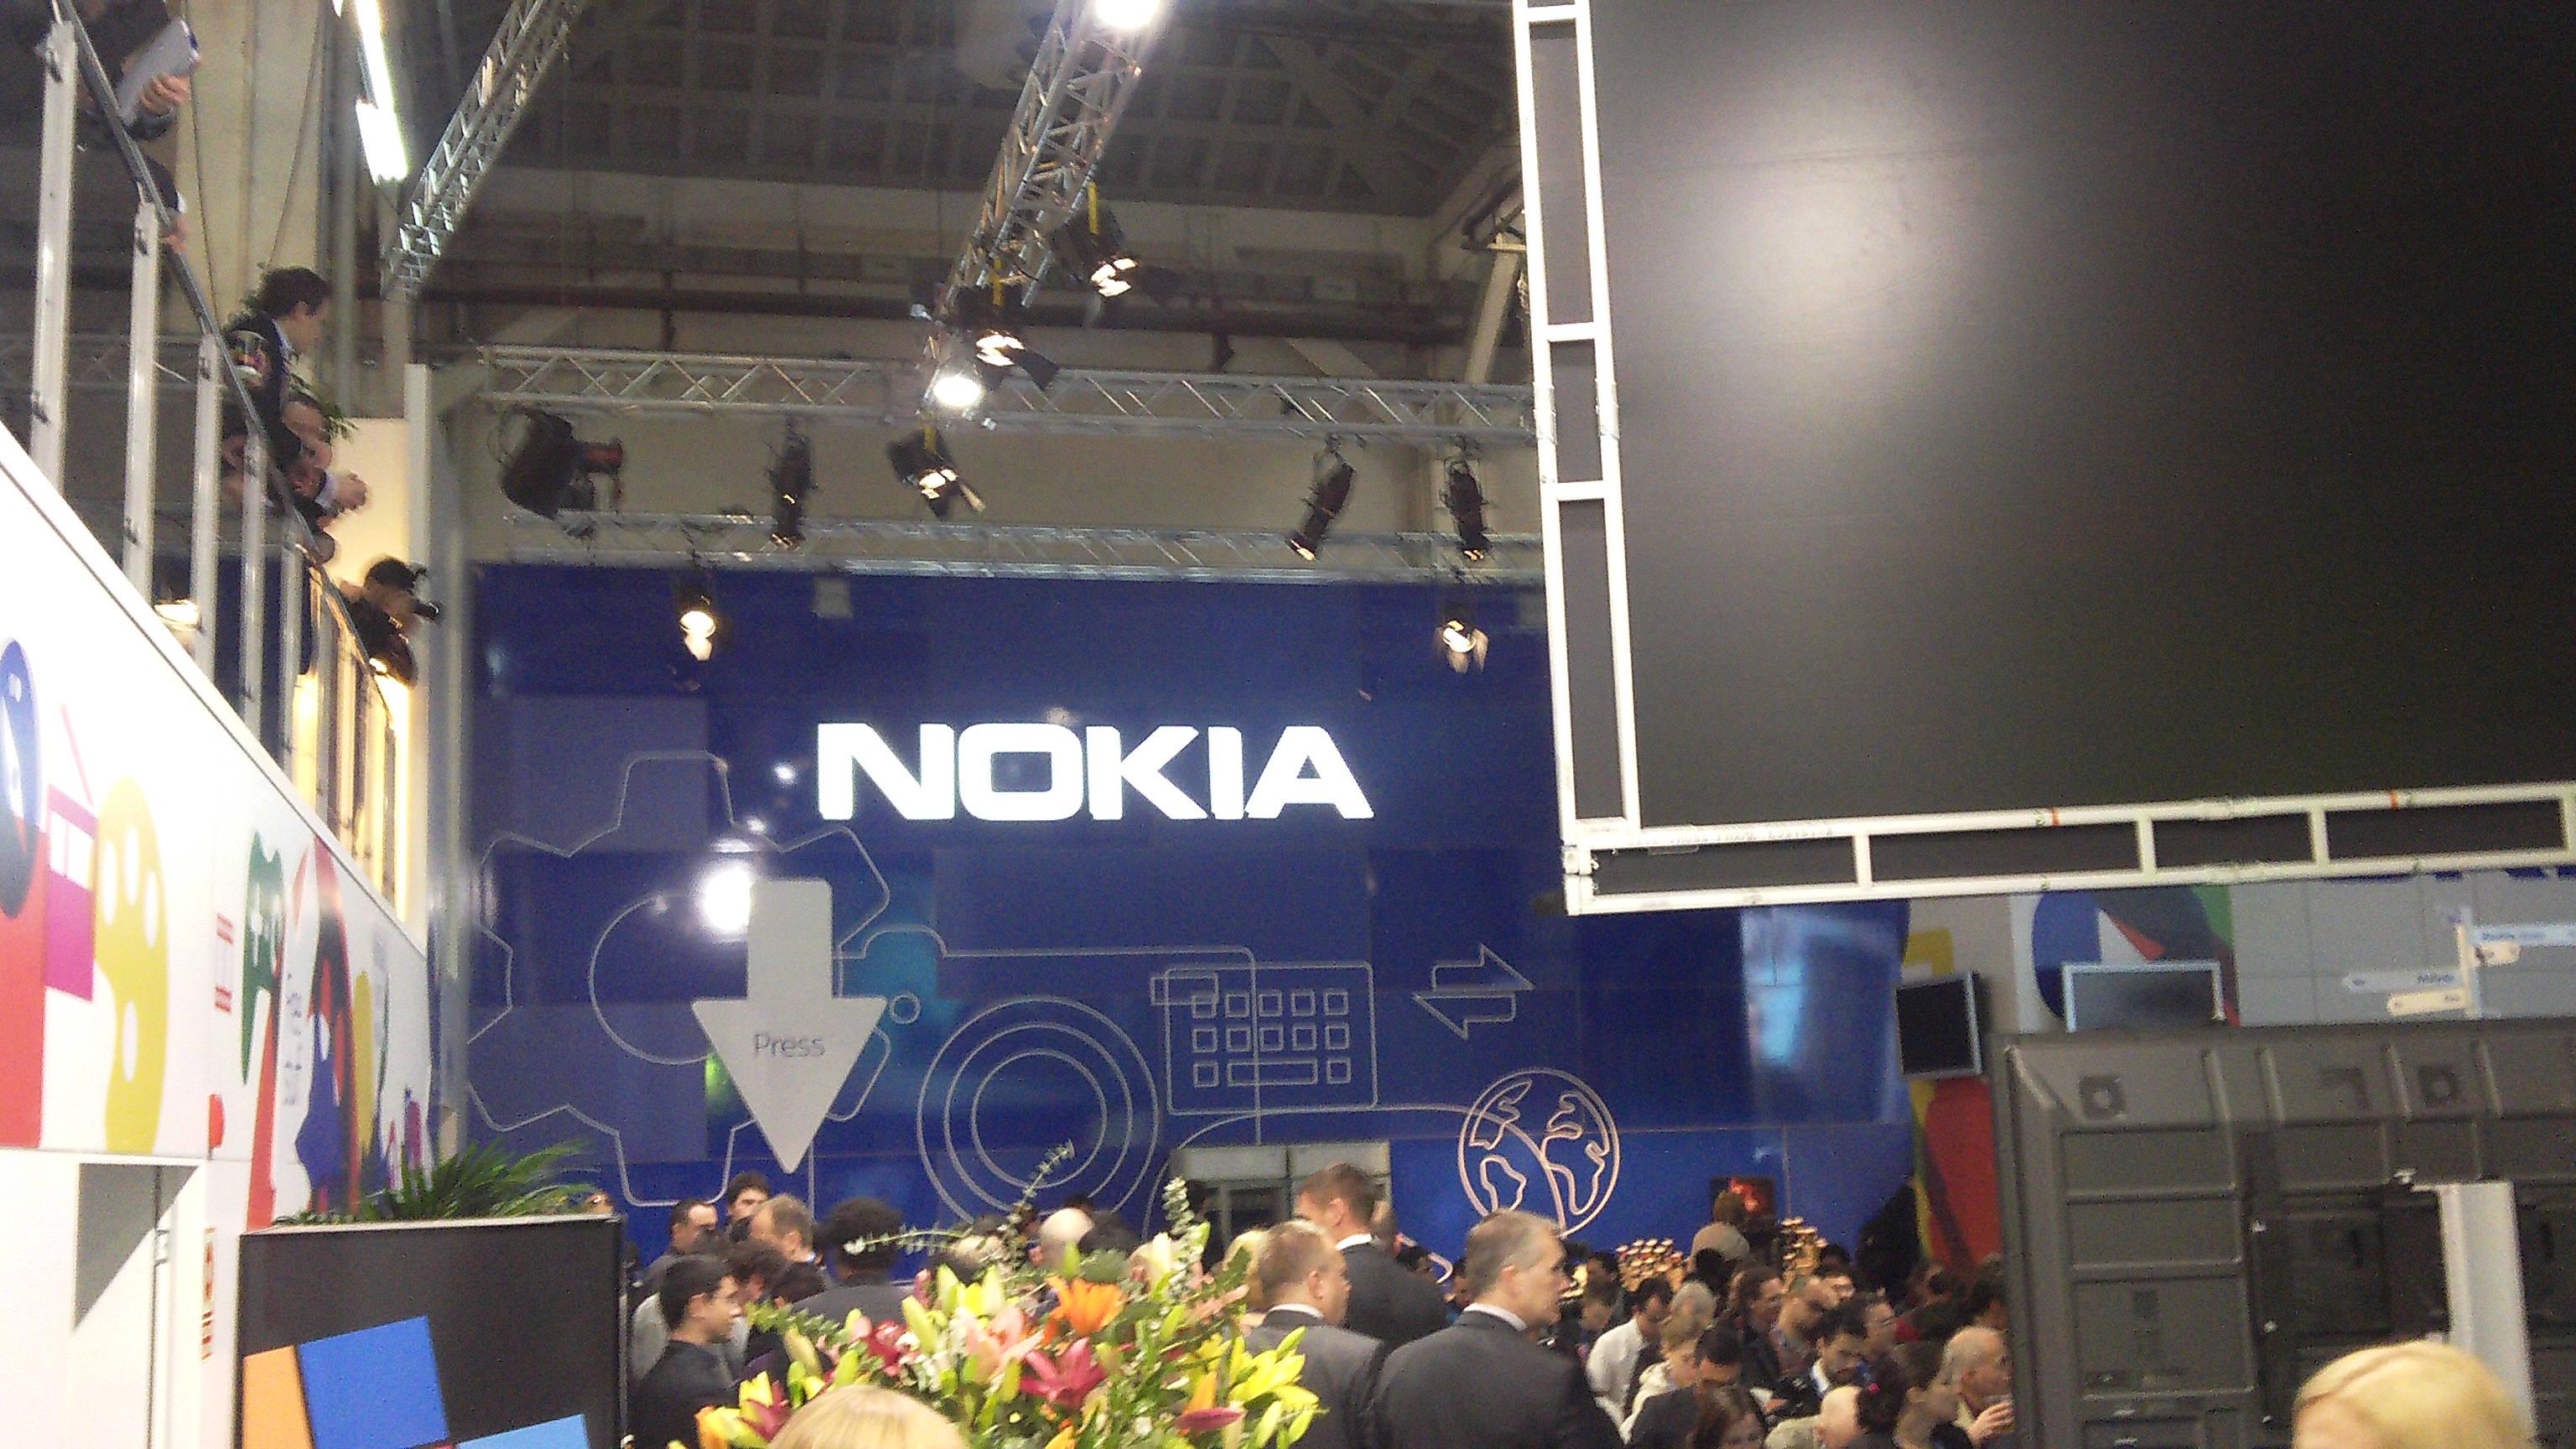 Le novità Nokia in anteprima, live della conferenza al MWC 2012